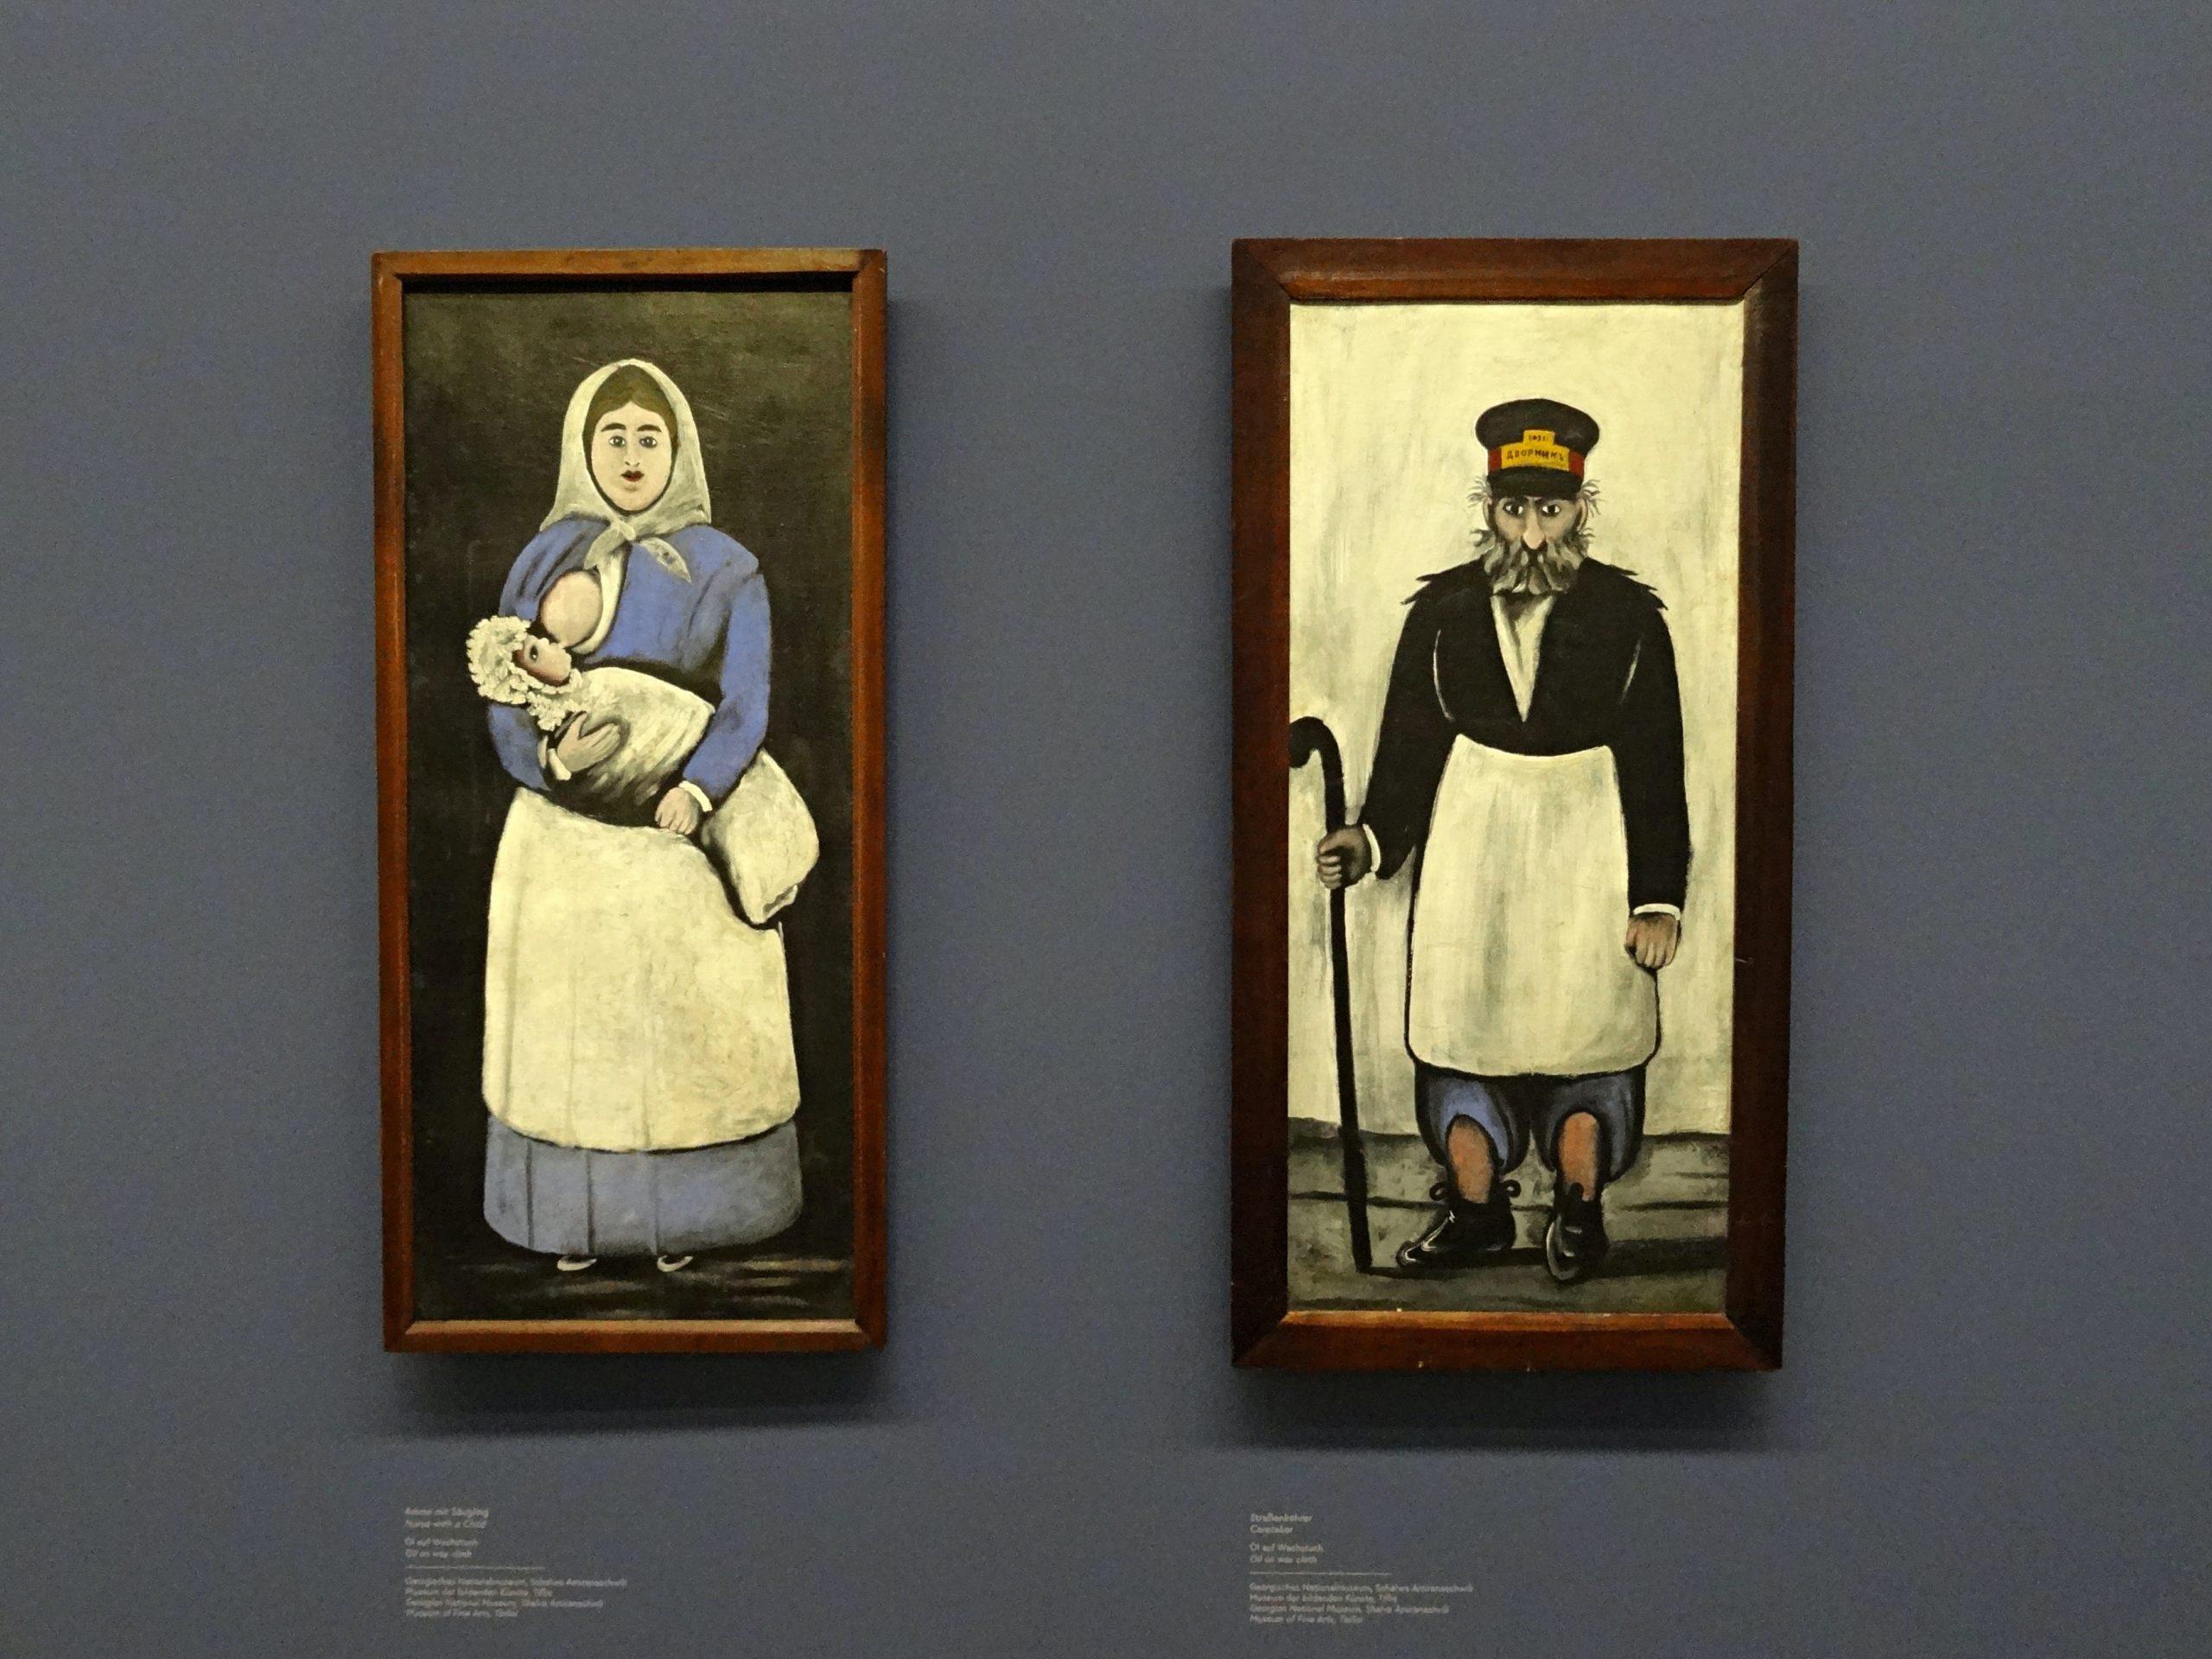 Tino Schlench - Literaturpalast - Niko Pirosmani - Amme mit Säugling & Straßenkehrer